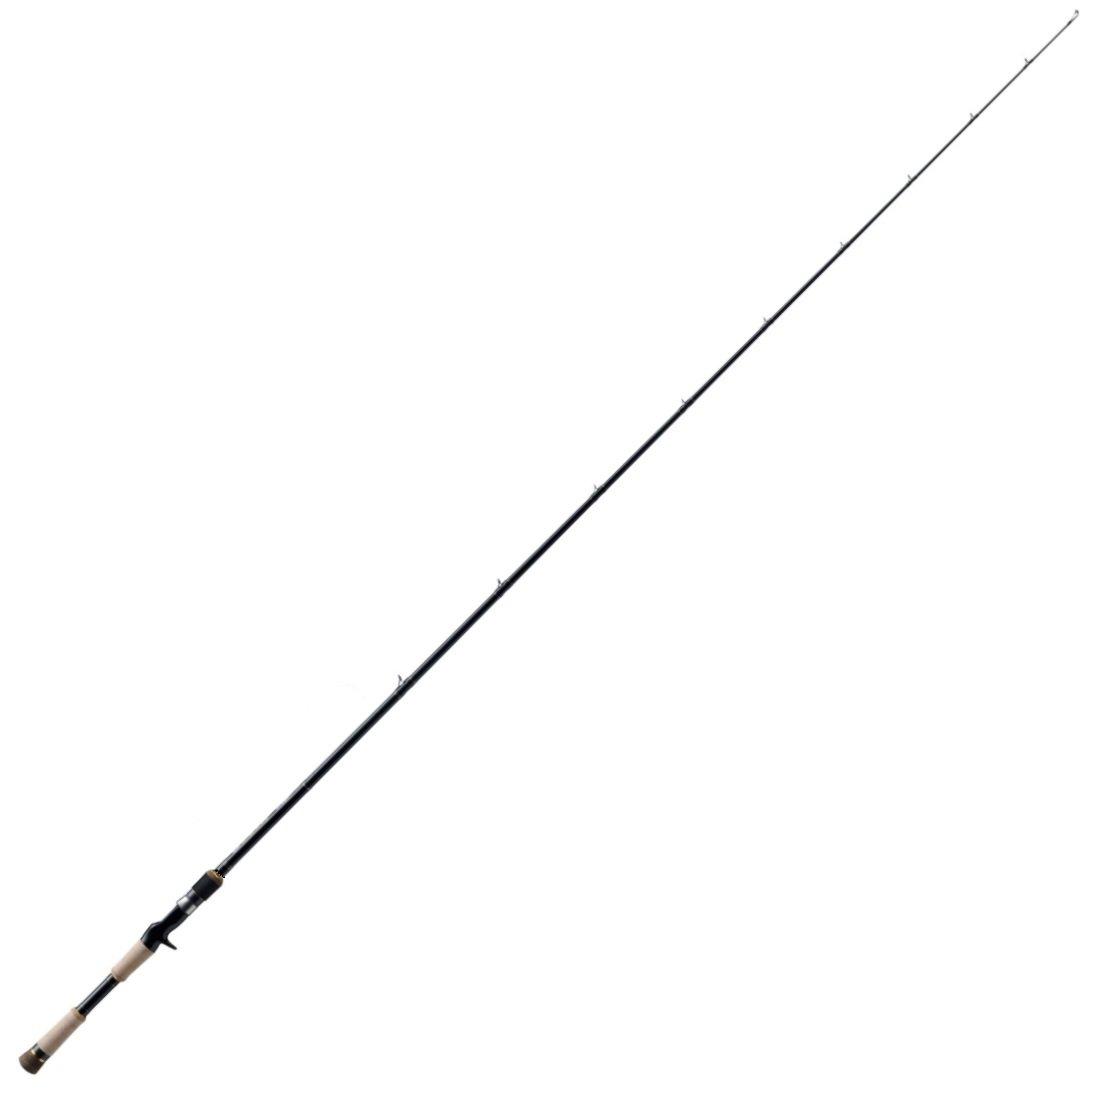 メジャークラフト ナマズロッド ベイト SELVA(セルヴァ)フルグラス鯰モデル SVC-692MH/CAT 釣り竿